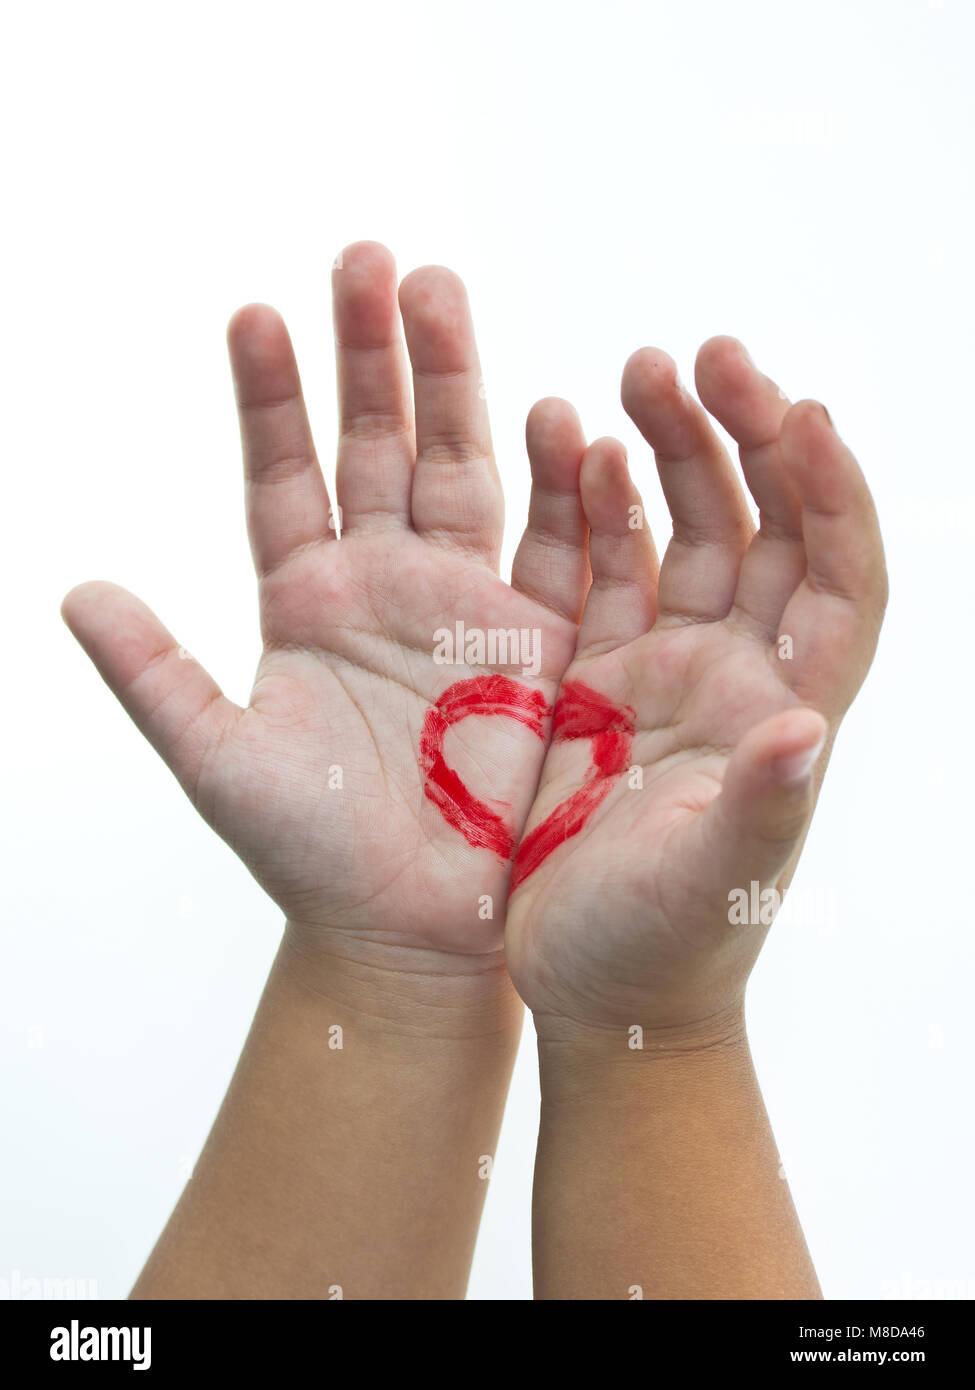 Cuore in mano. Il giorno di San Valentino, romanticismo, il concetto di amore Immagini Stock